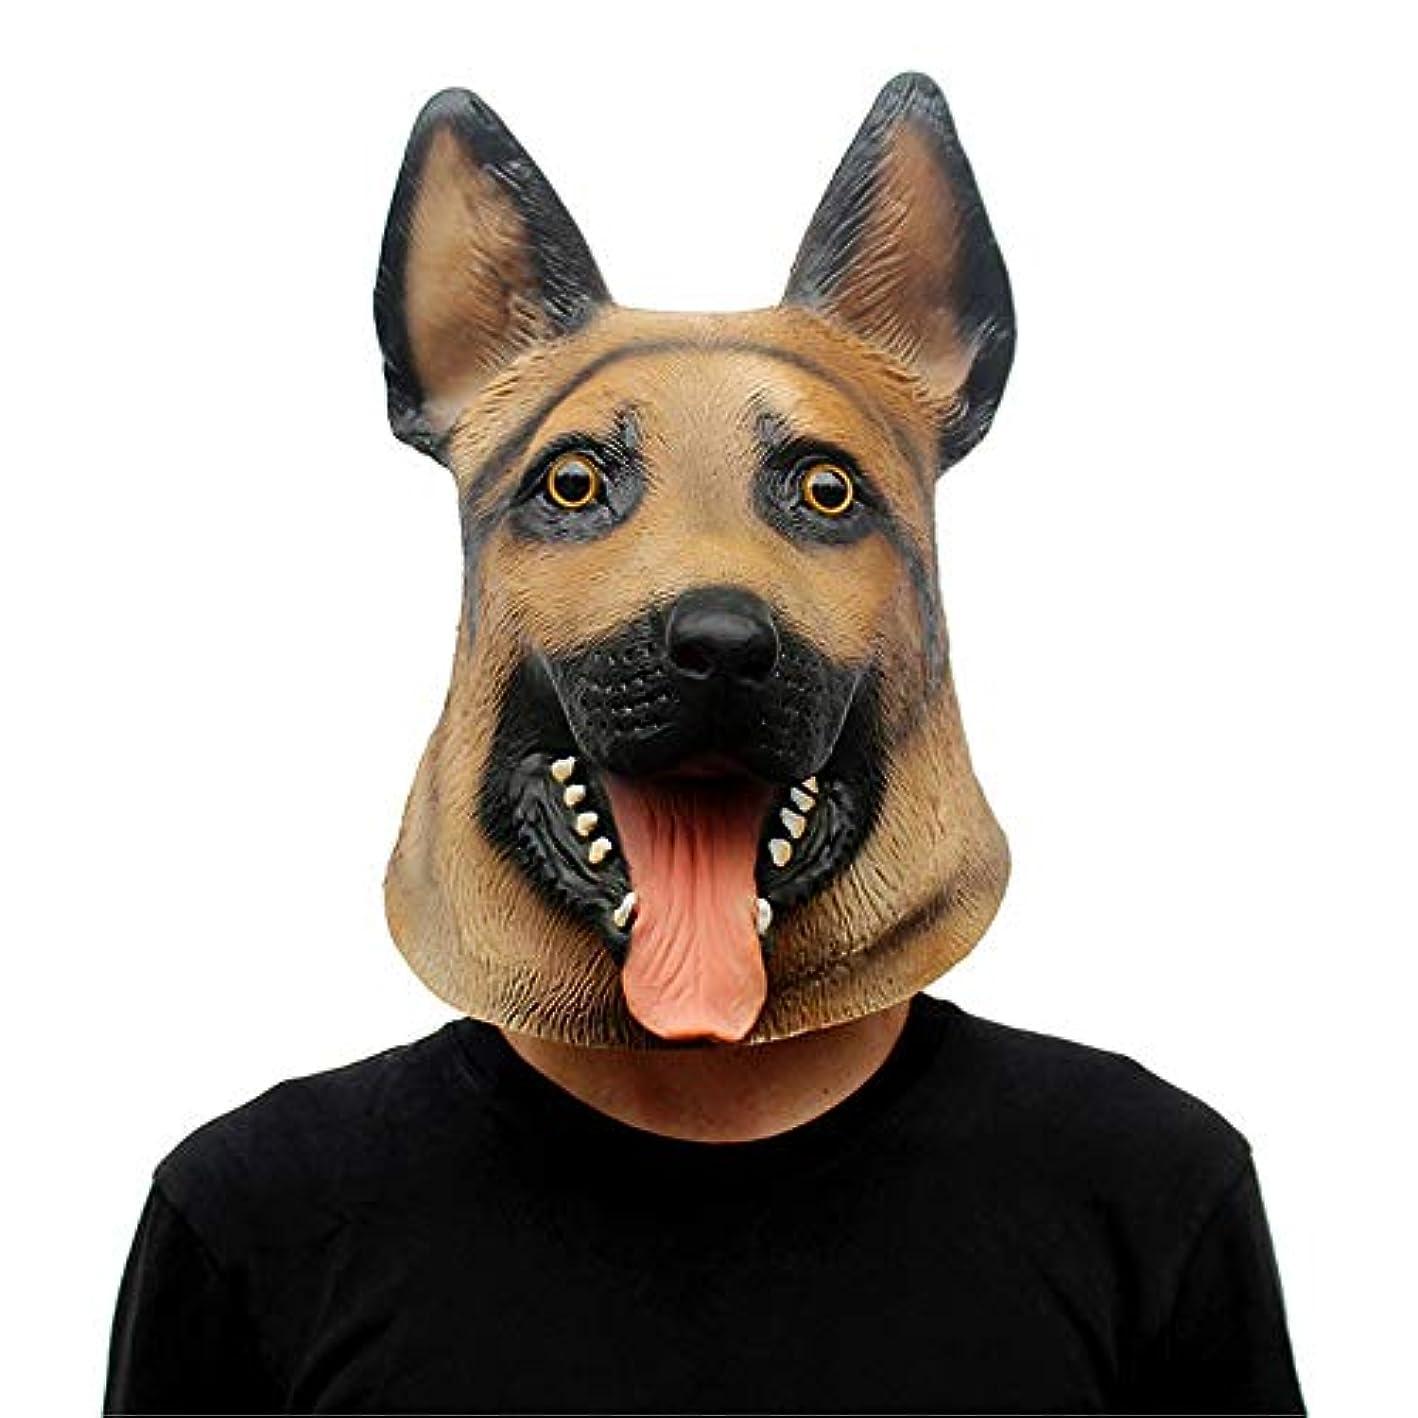 滴下証書加速する柴犬マスクラテックスマスクハロウィンコスプレ小道具犬ヘッドマスク